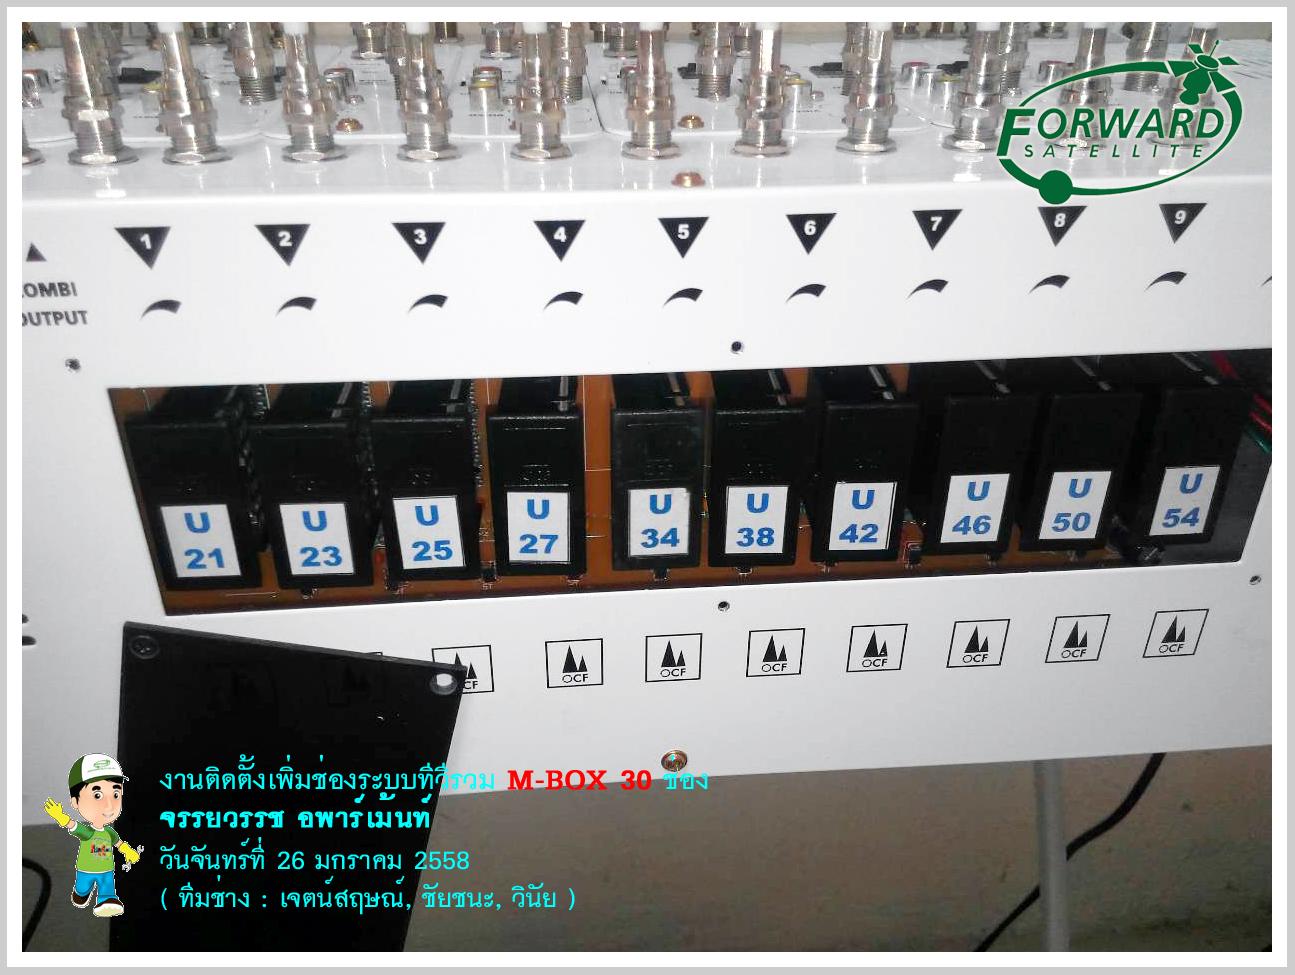 งานติดตั้งระบบทีวีรวม MATV 30 ช่อง M-BOX 10 ที่ จรรยวรรช อพาร์ทเม้นท์